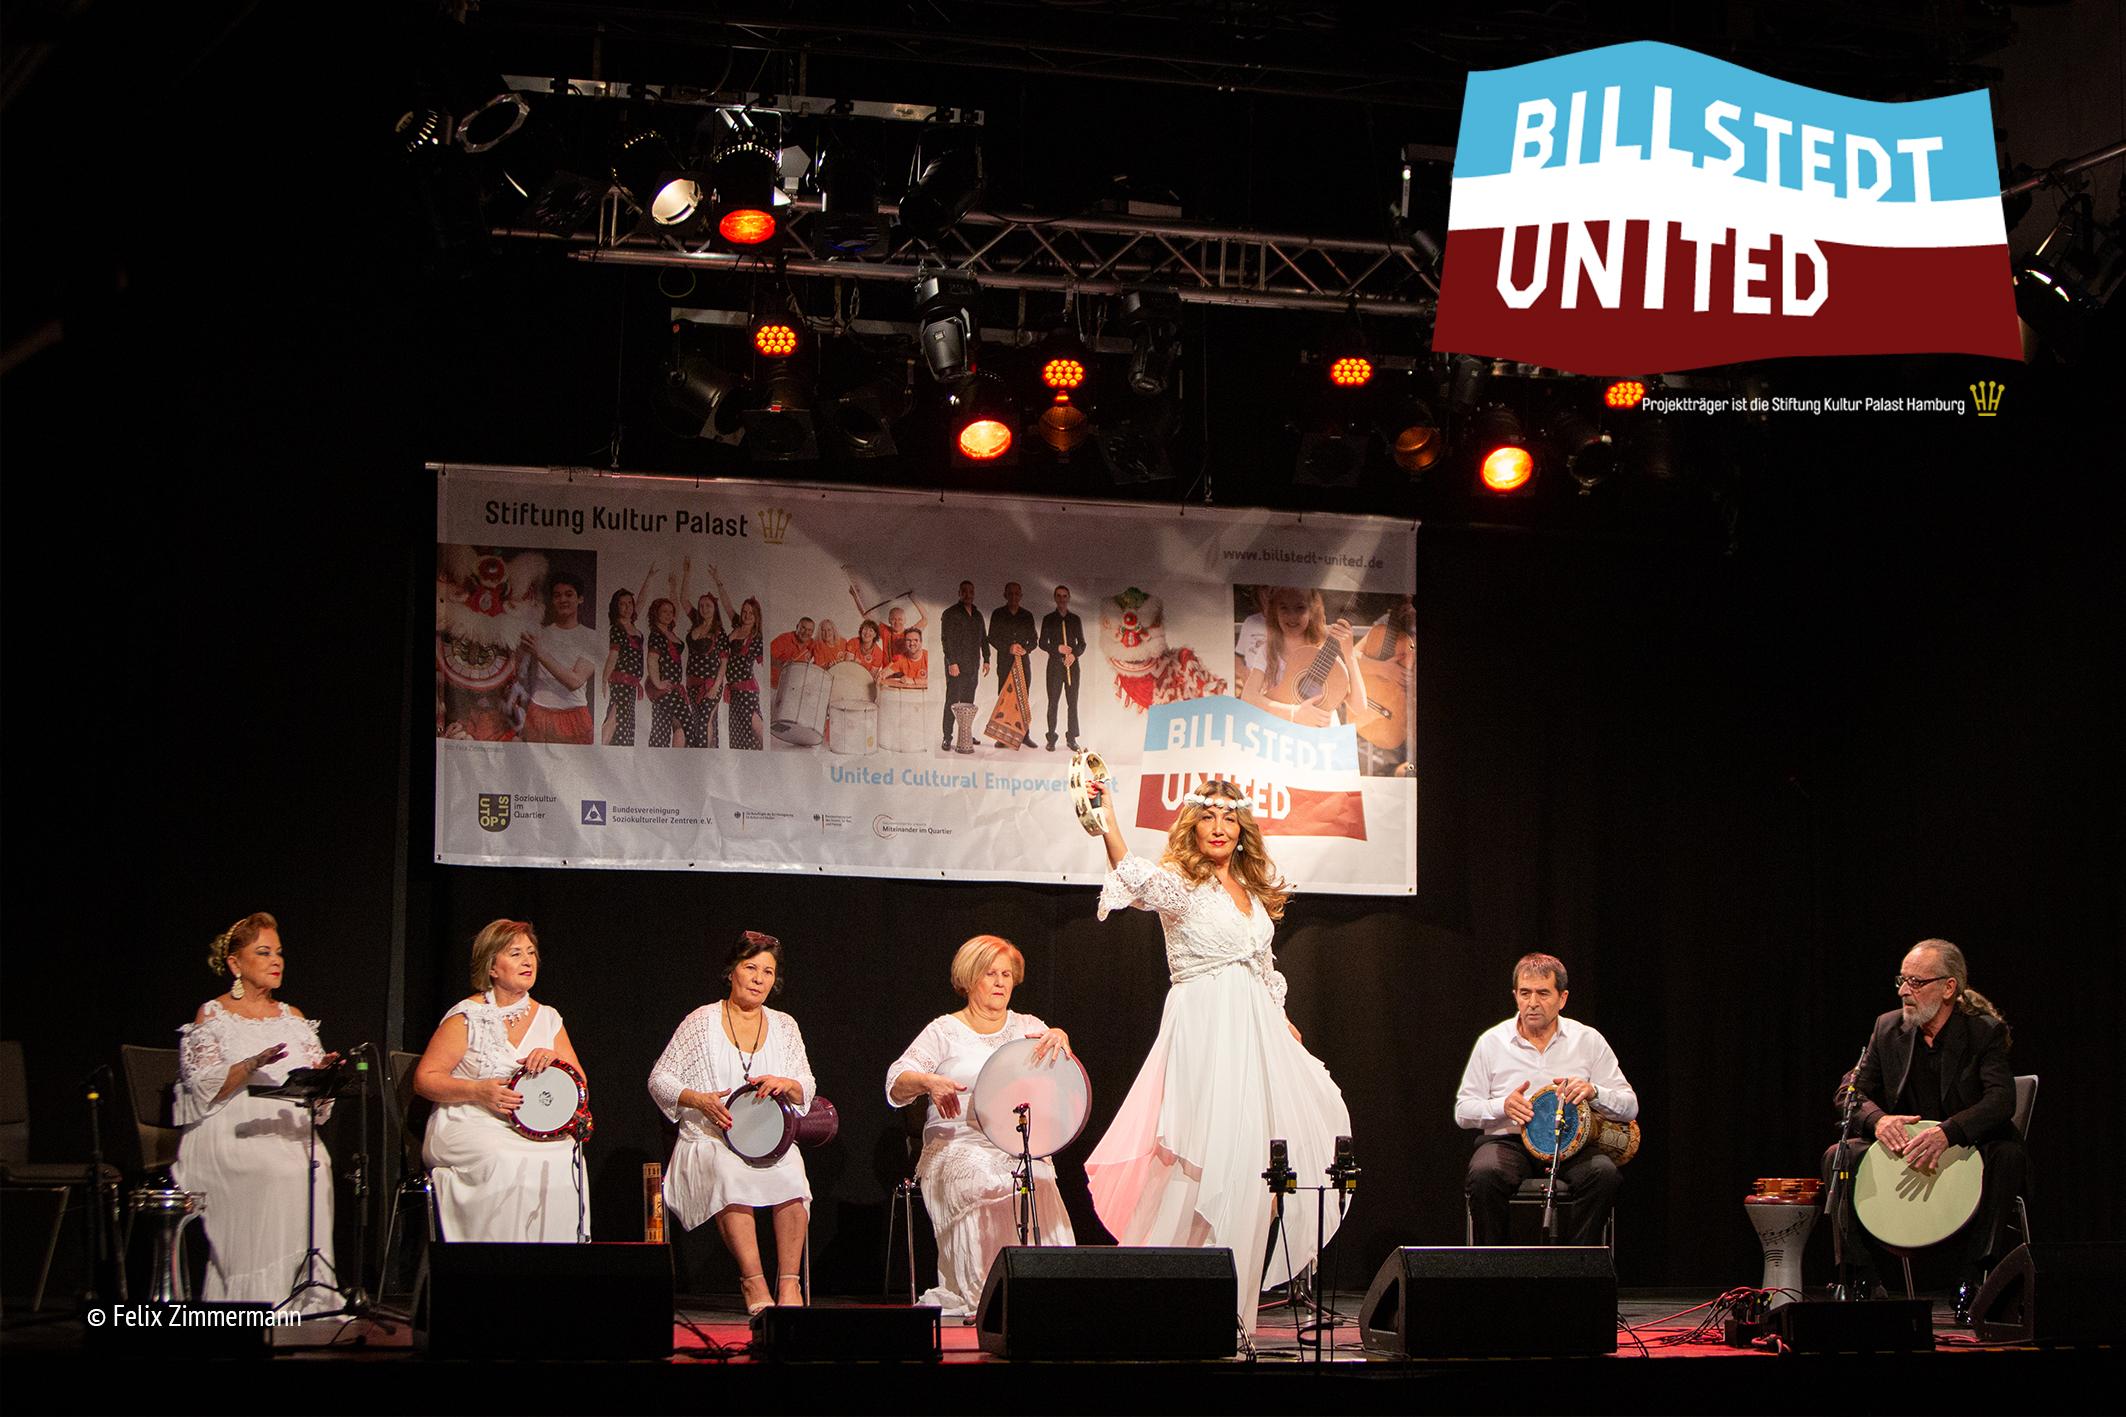 Sieben Männer und Frauen sitzen auf einer Bühne im Halbkreis und spielen unterschiedliche Rhytmusinstrumente. Fast alle haben rein weiße Kleidung an. Im Vordergrund steht eine blonde Frau im weißen Kleid und roten Lippenstift, die ein Tamburin in die Luft streckt